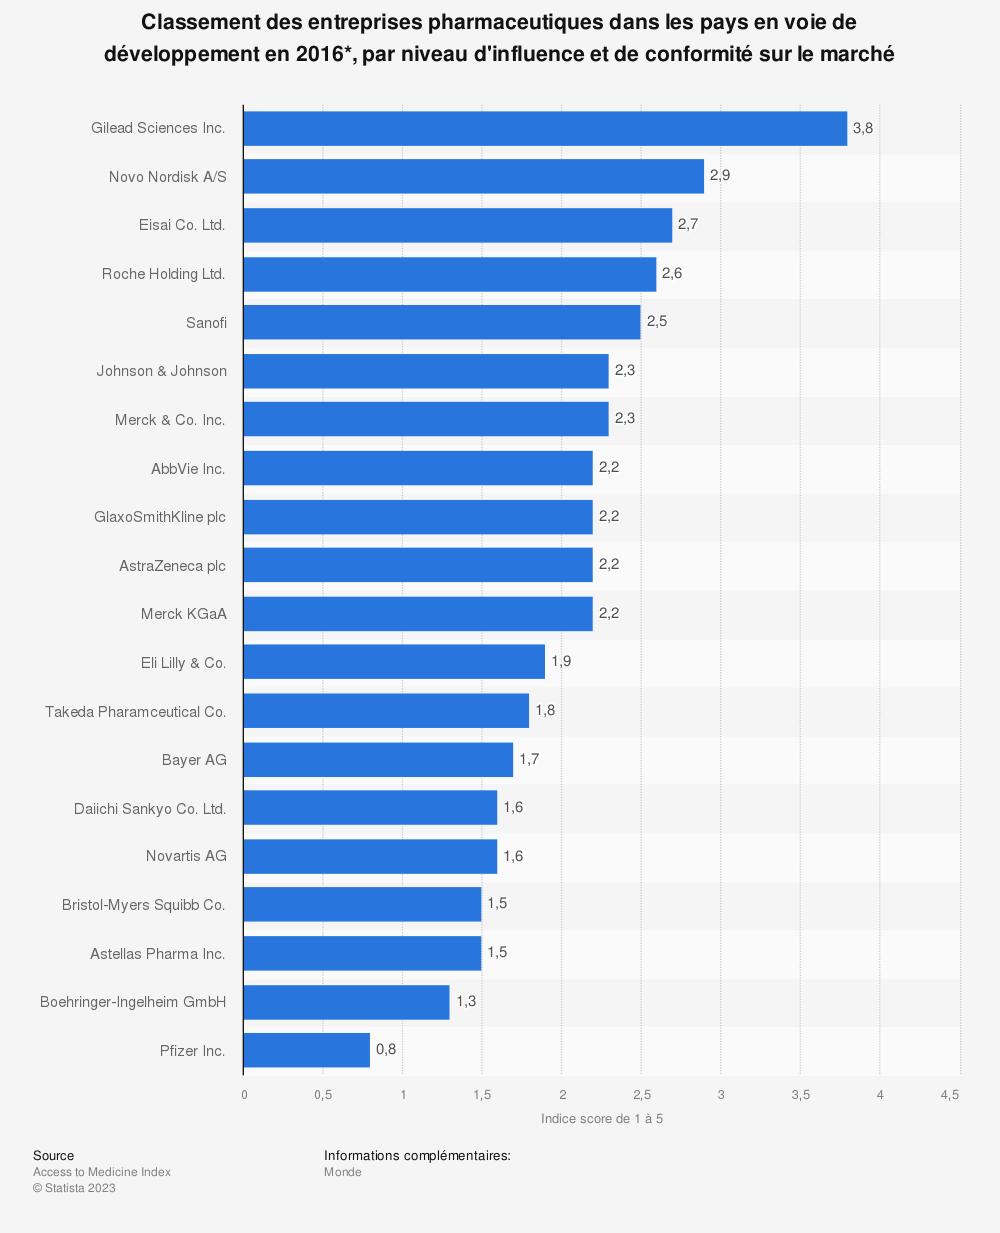 Statistique: Classement des entreprises pharmaceutiques dans les pays en voie de développement en 2016*, par niveau d'influence et de conformité sur le marché | Statista